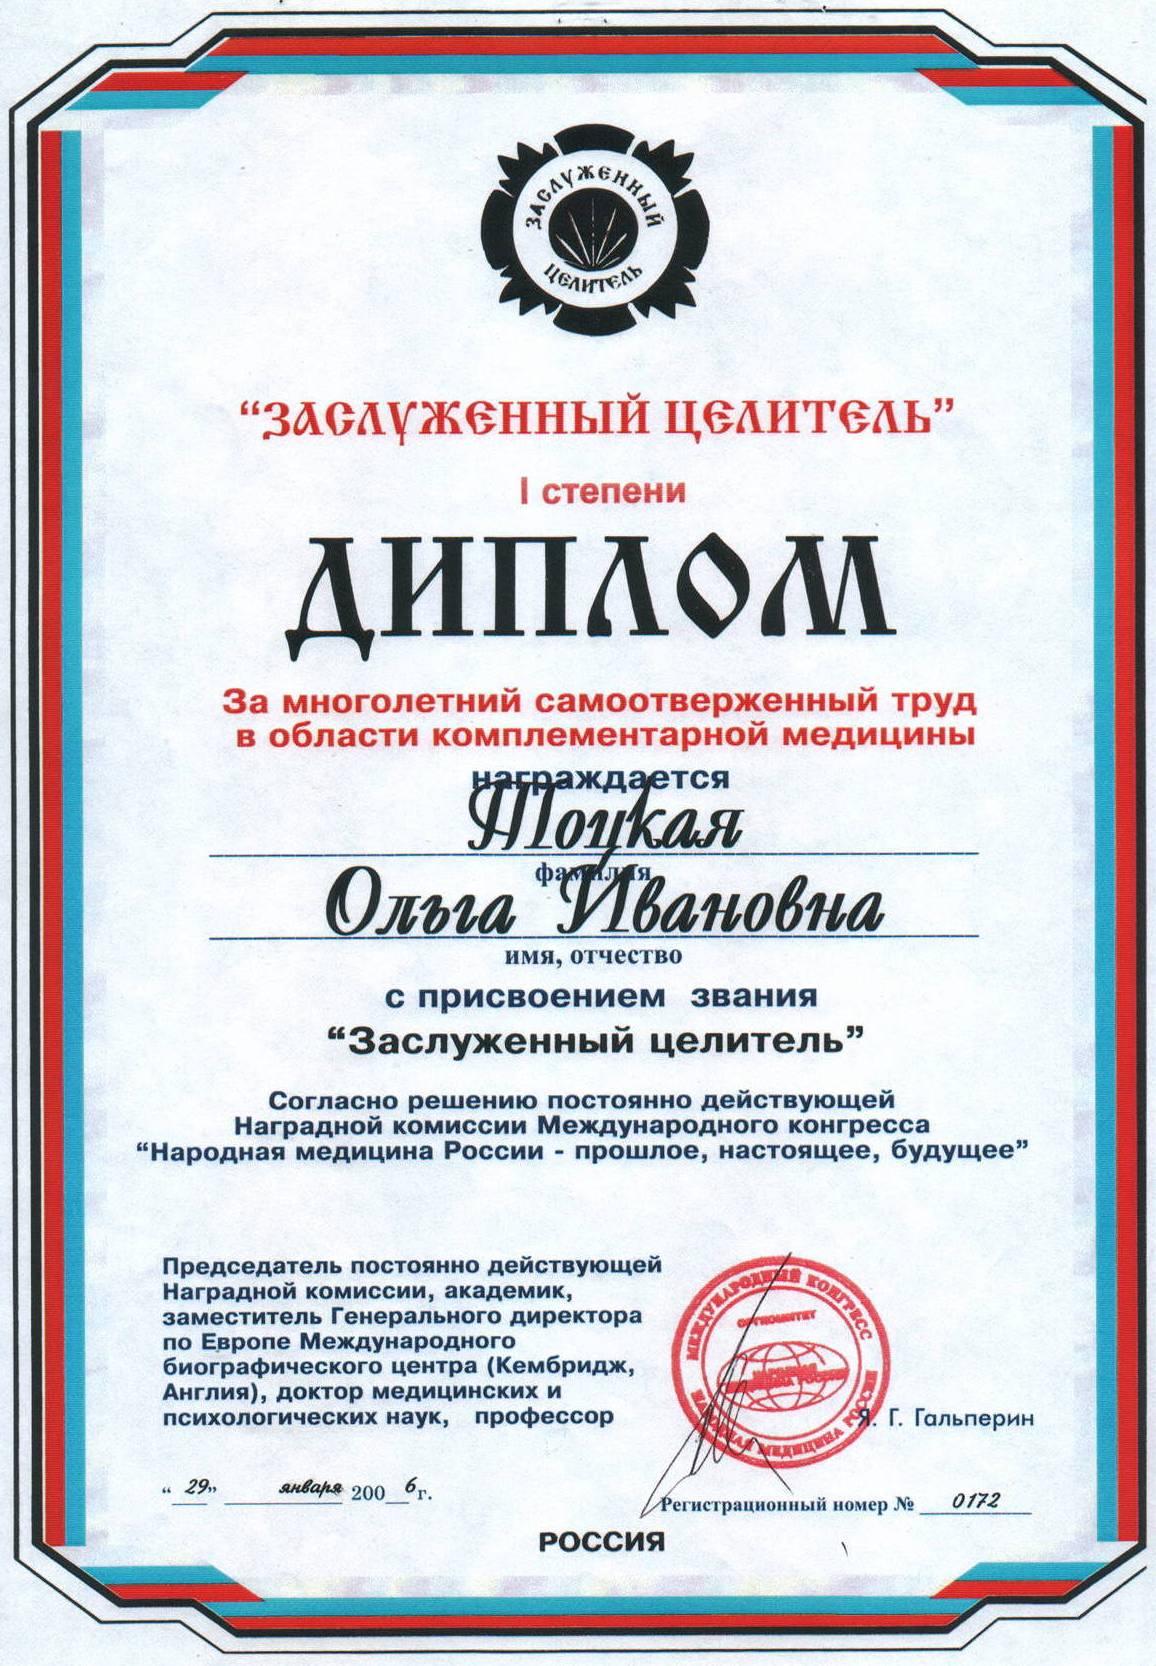 Диплом о присвоении звания Заслуженный целитель